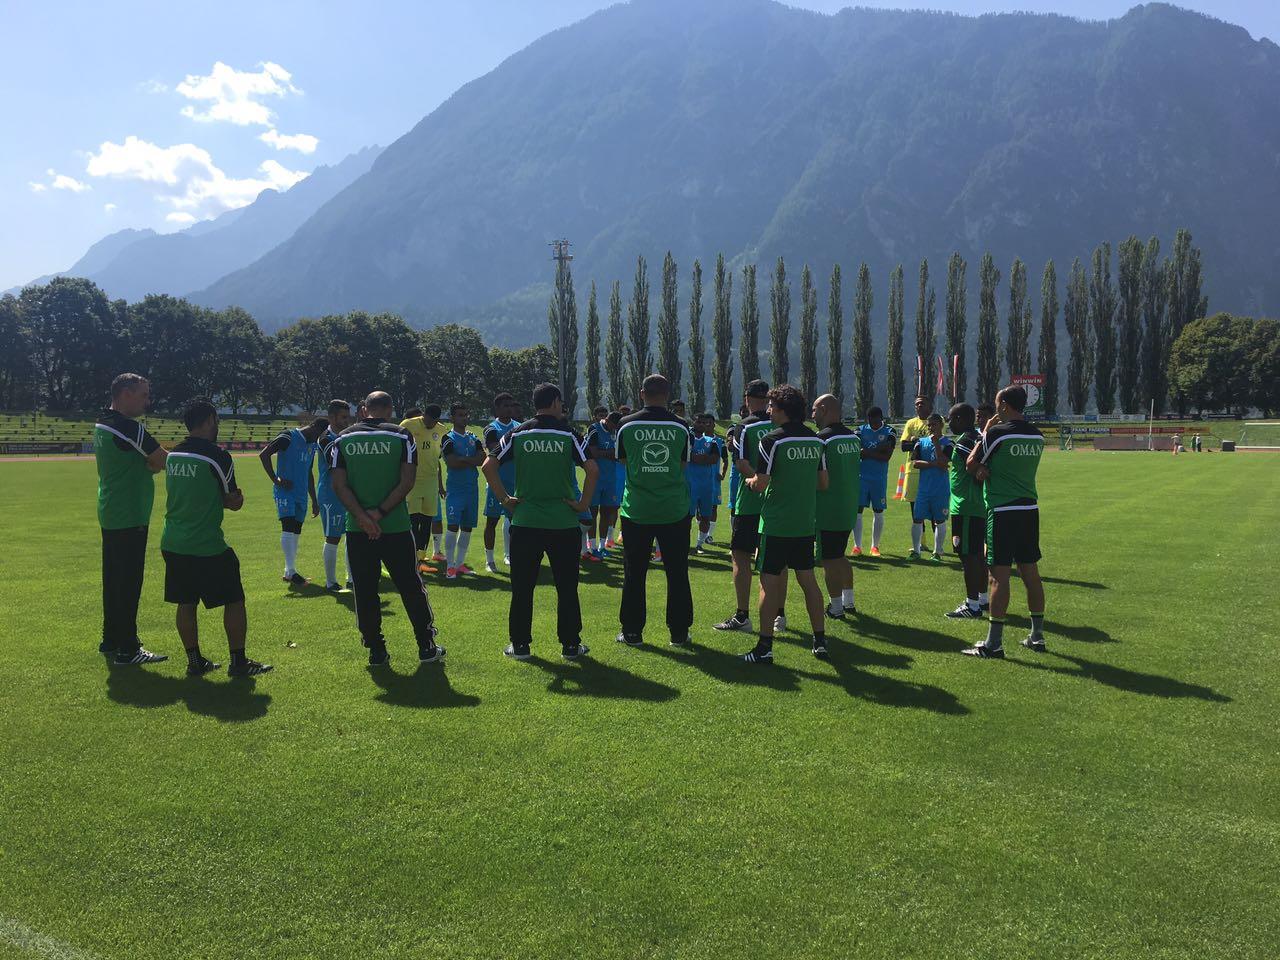 المنتخب الوطني يبحث عن تجارب جديدة بمعسكره الخارجي بالنمسا